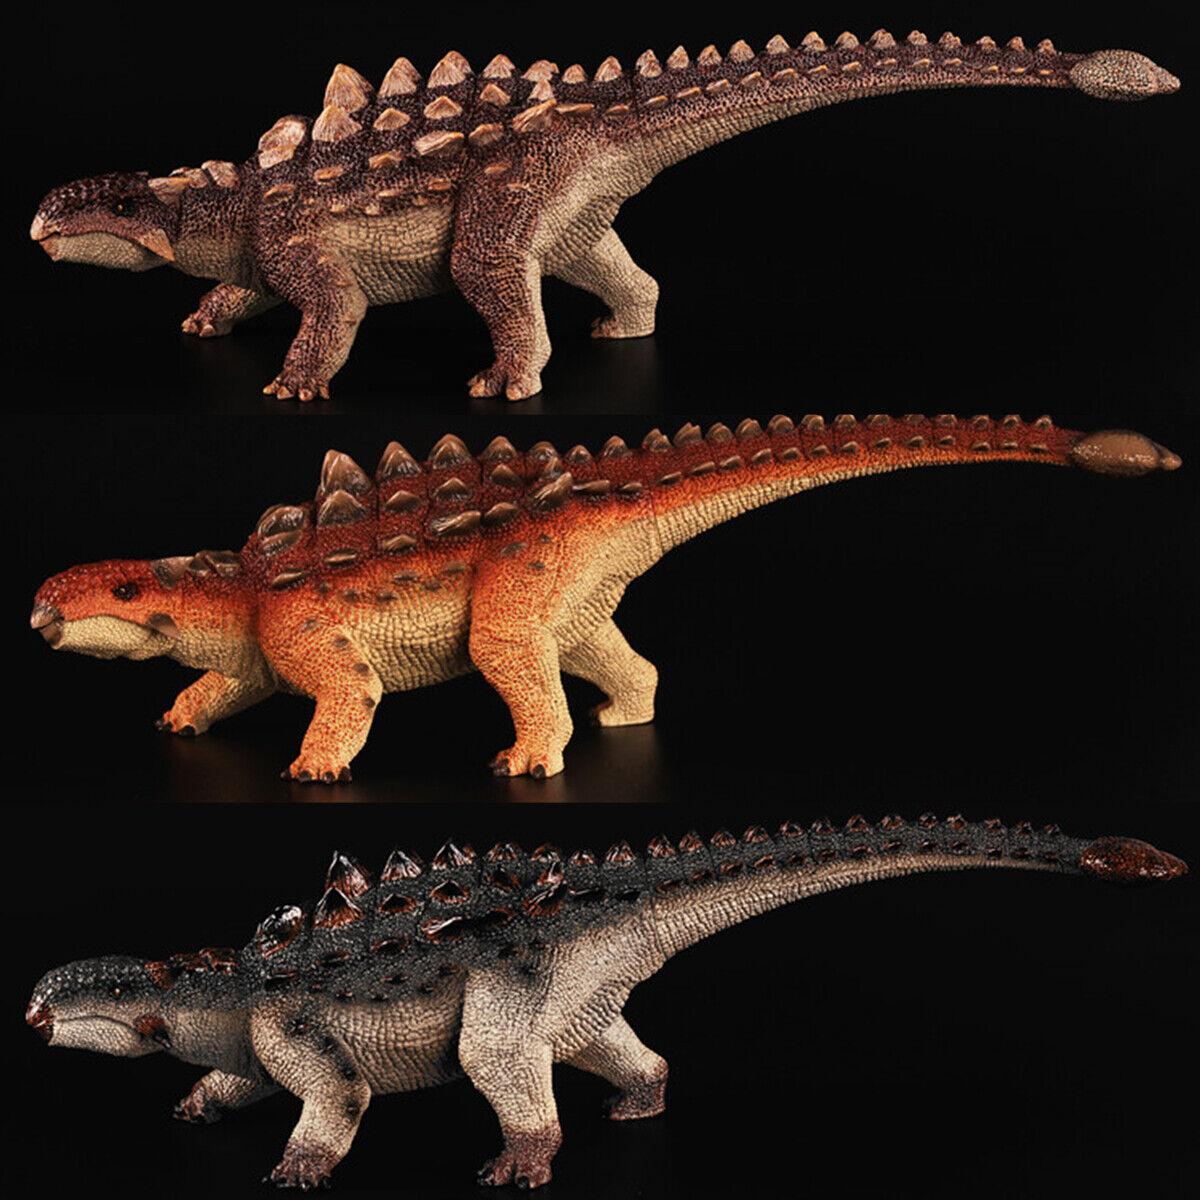 REBOR Ankylosaurus magniventris  WAR PIG Collector Dinosaur modellololo Ankylosaur giocattolo  benvenuto per ordinare